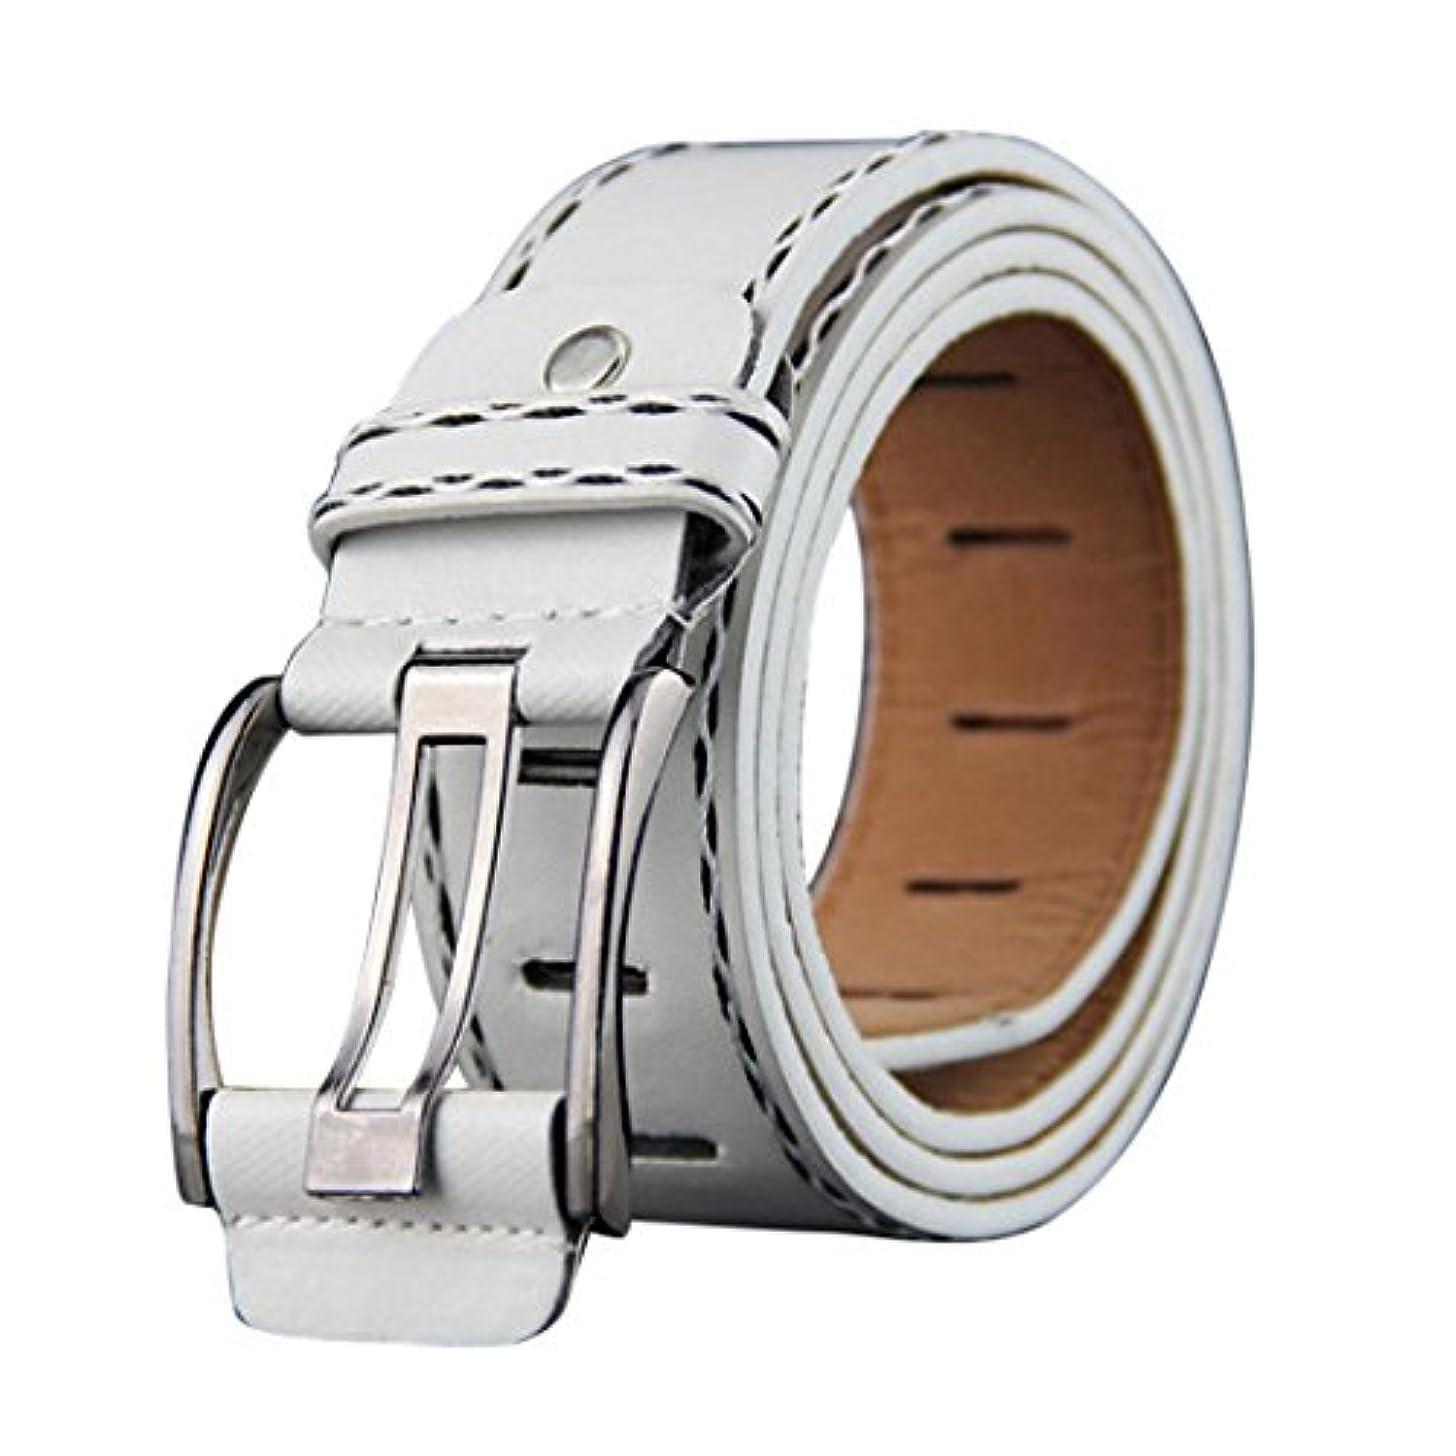 明日彫るペインMhomzawa ベルト メンズ 革 ビジネス ピンバックル 紳士 カジュアル サイズ調整 高級レザー おしゃれ ギフトタイプ プレゼント 父の日